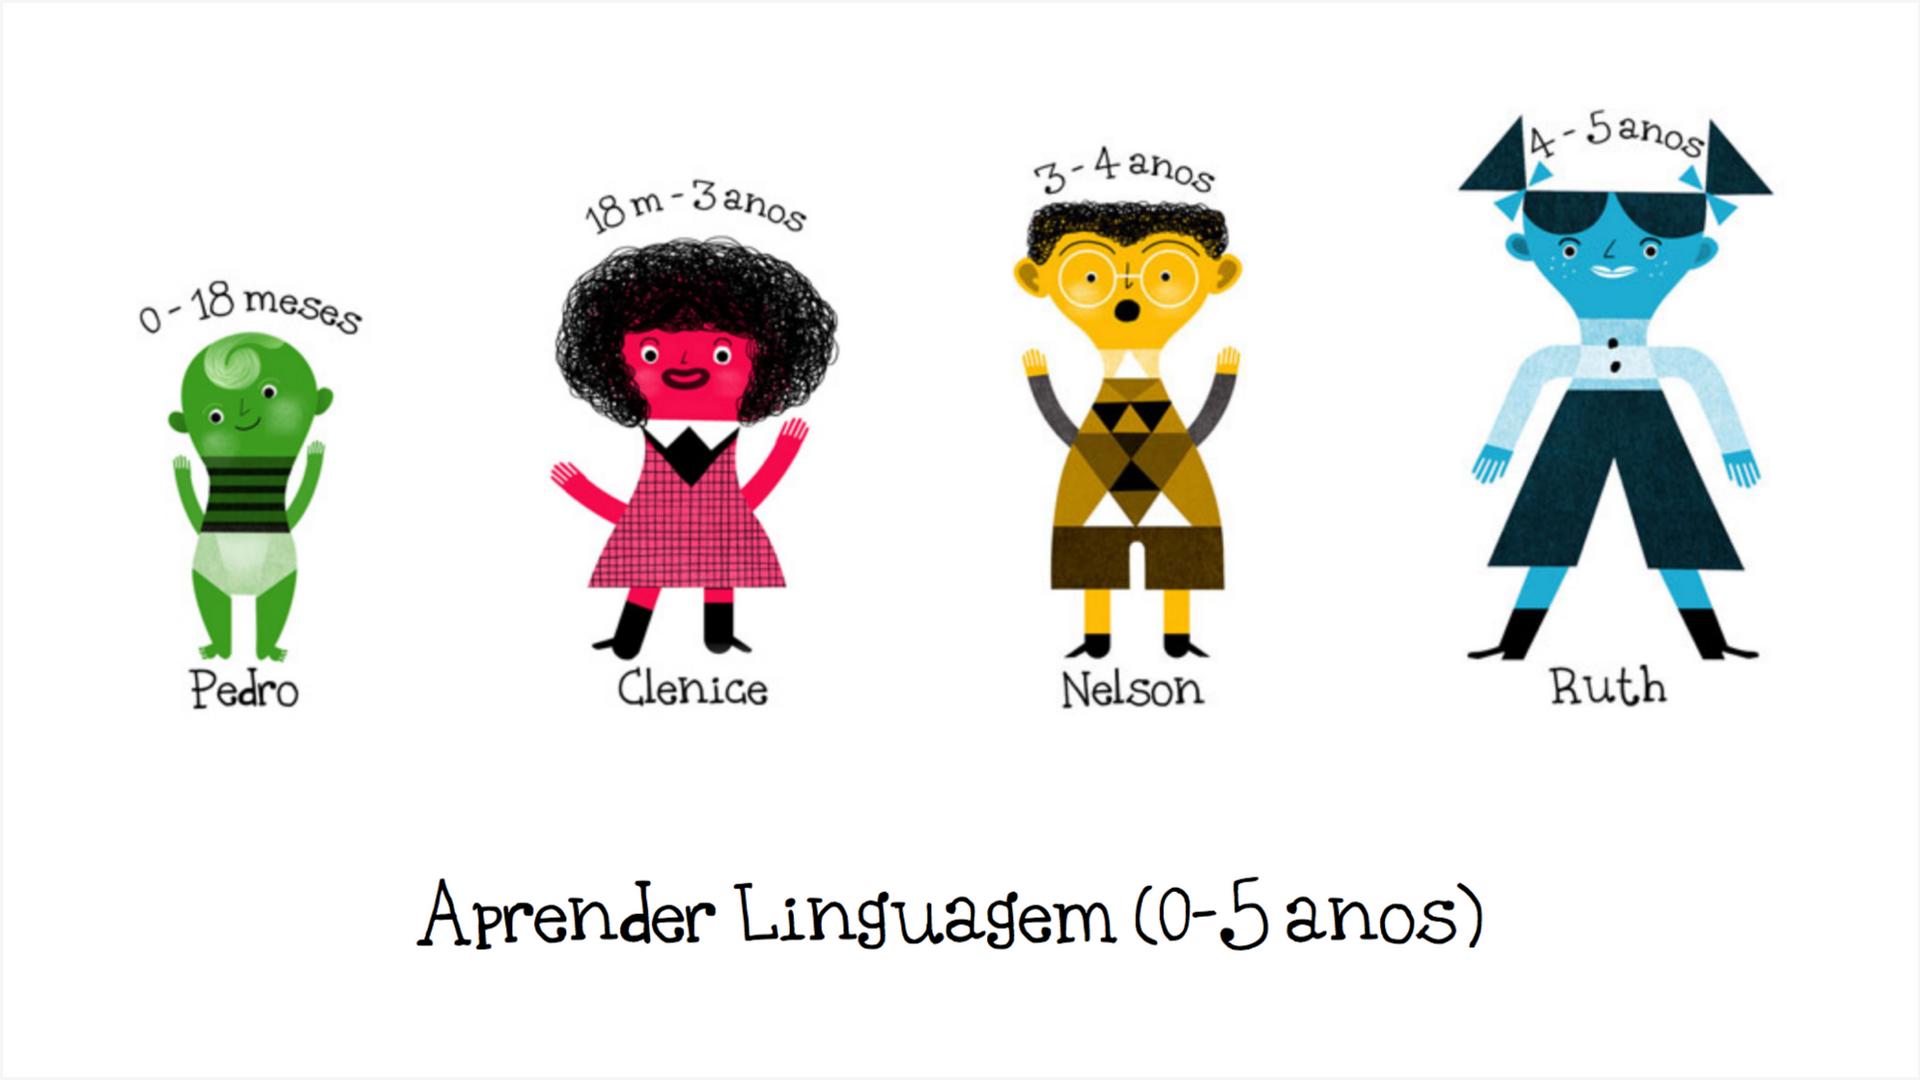 Aprender linguagem: depois da feira